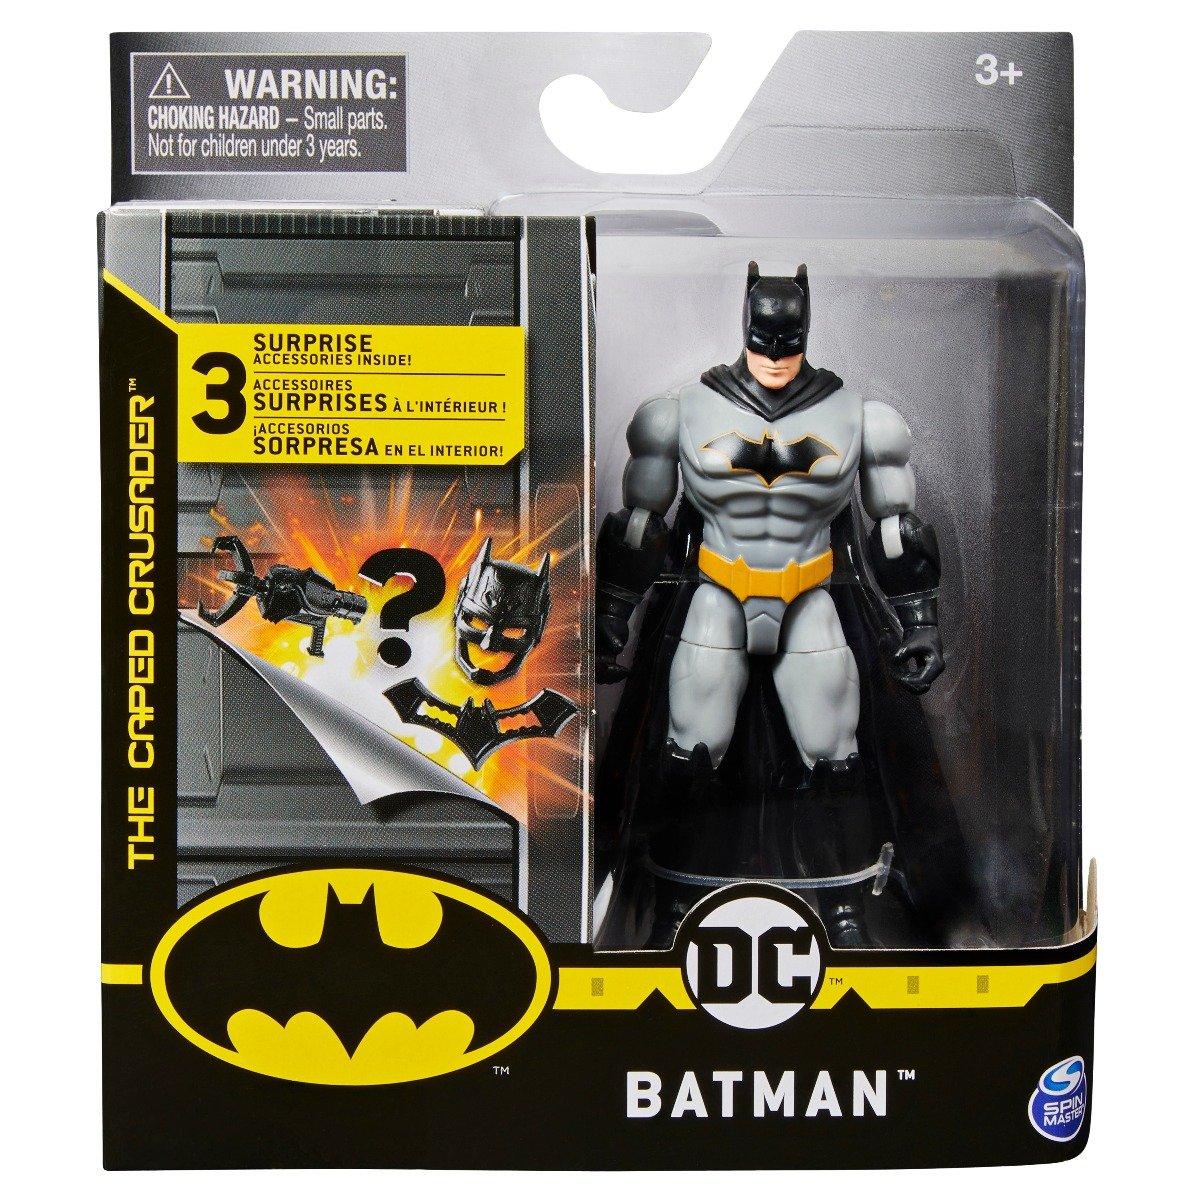 Set Figurina cu accesorii surpriza Batman S1 20125786